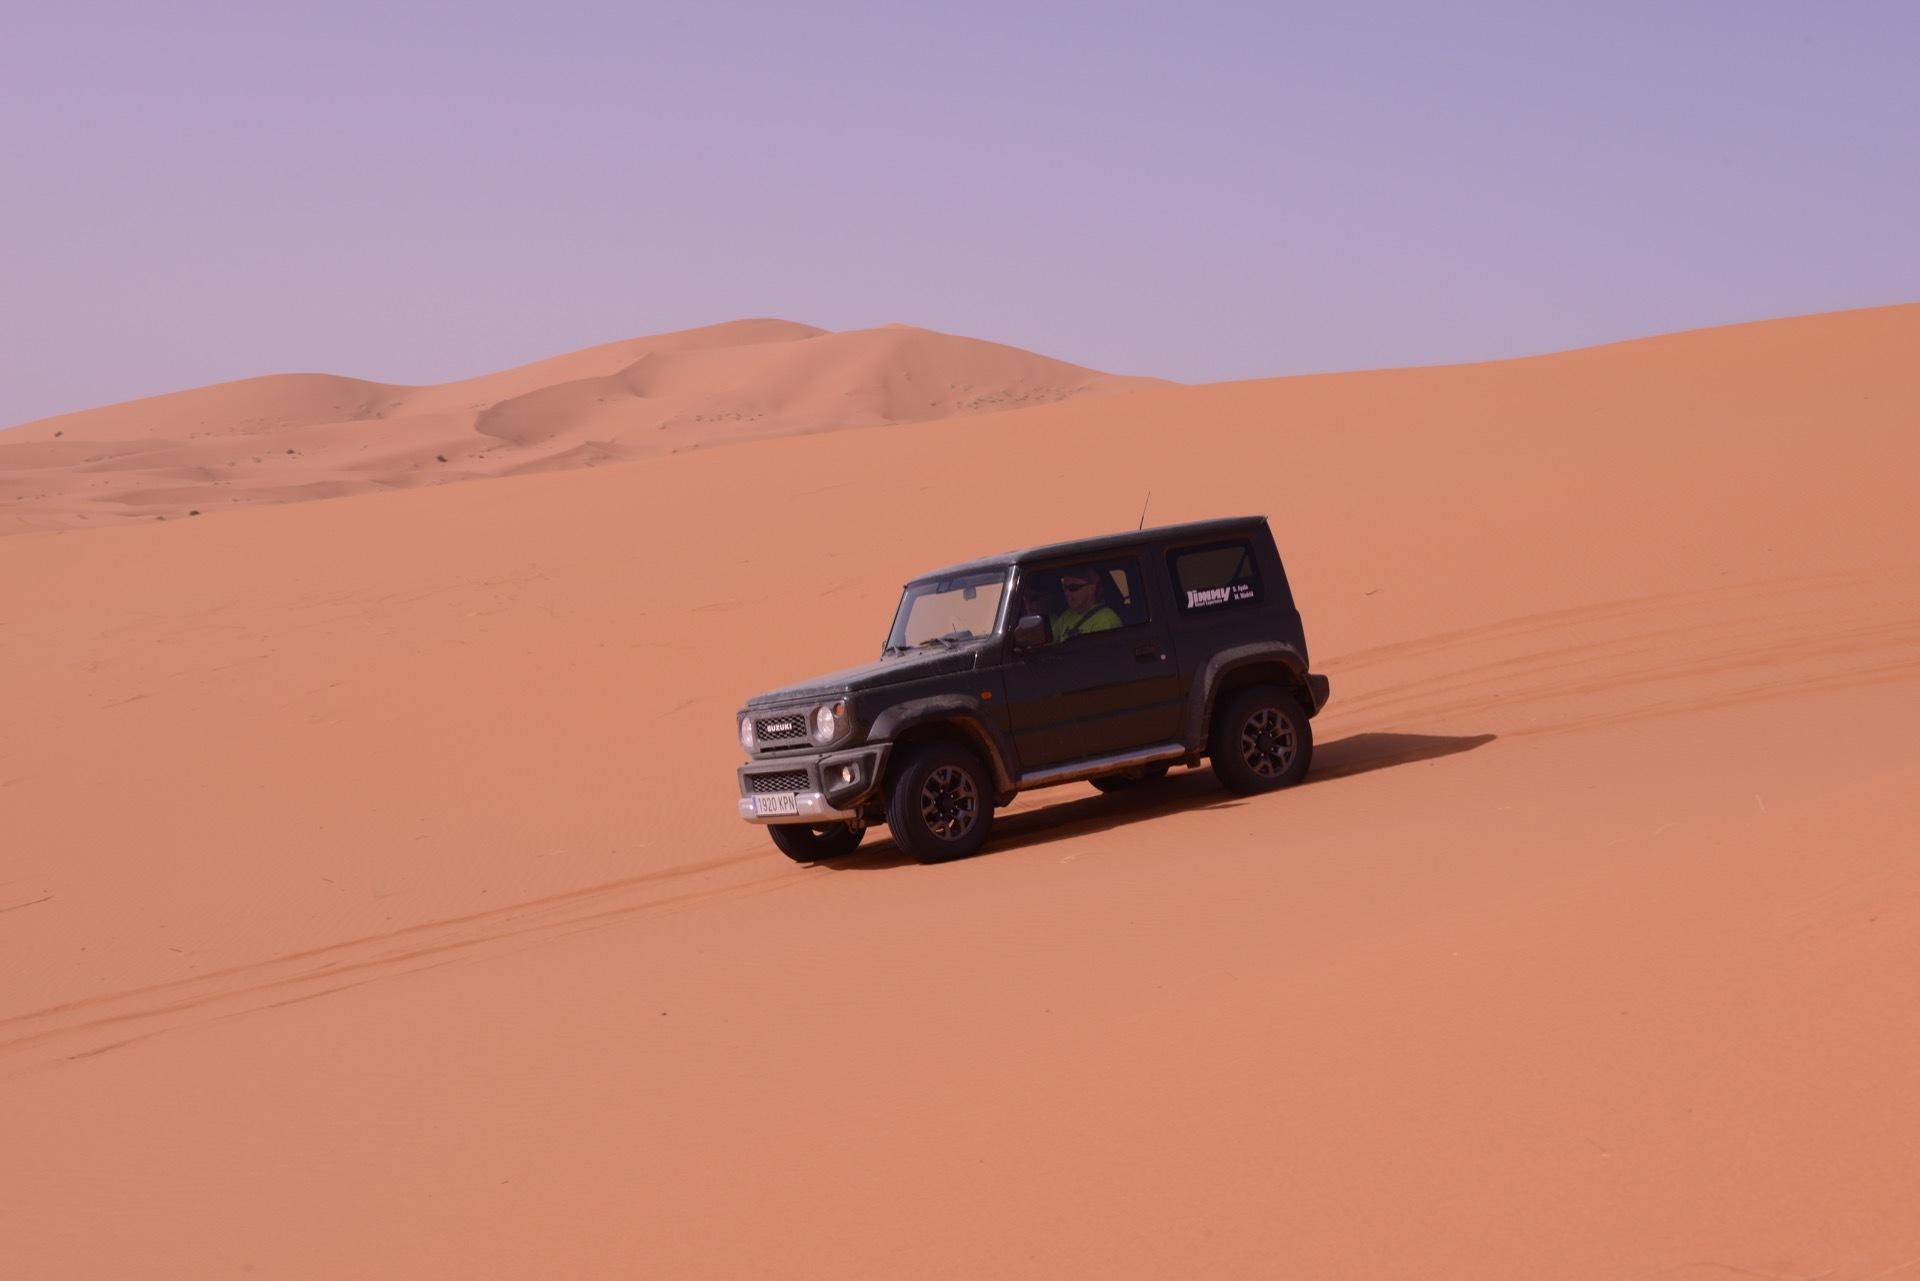 Suzuki Jimny Desert Experience 2019 00188